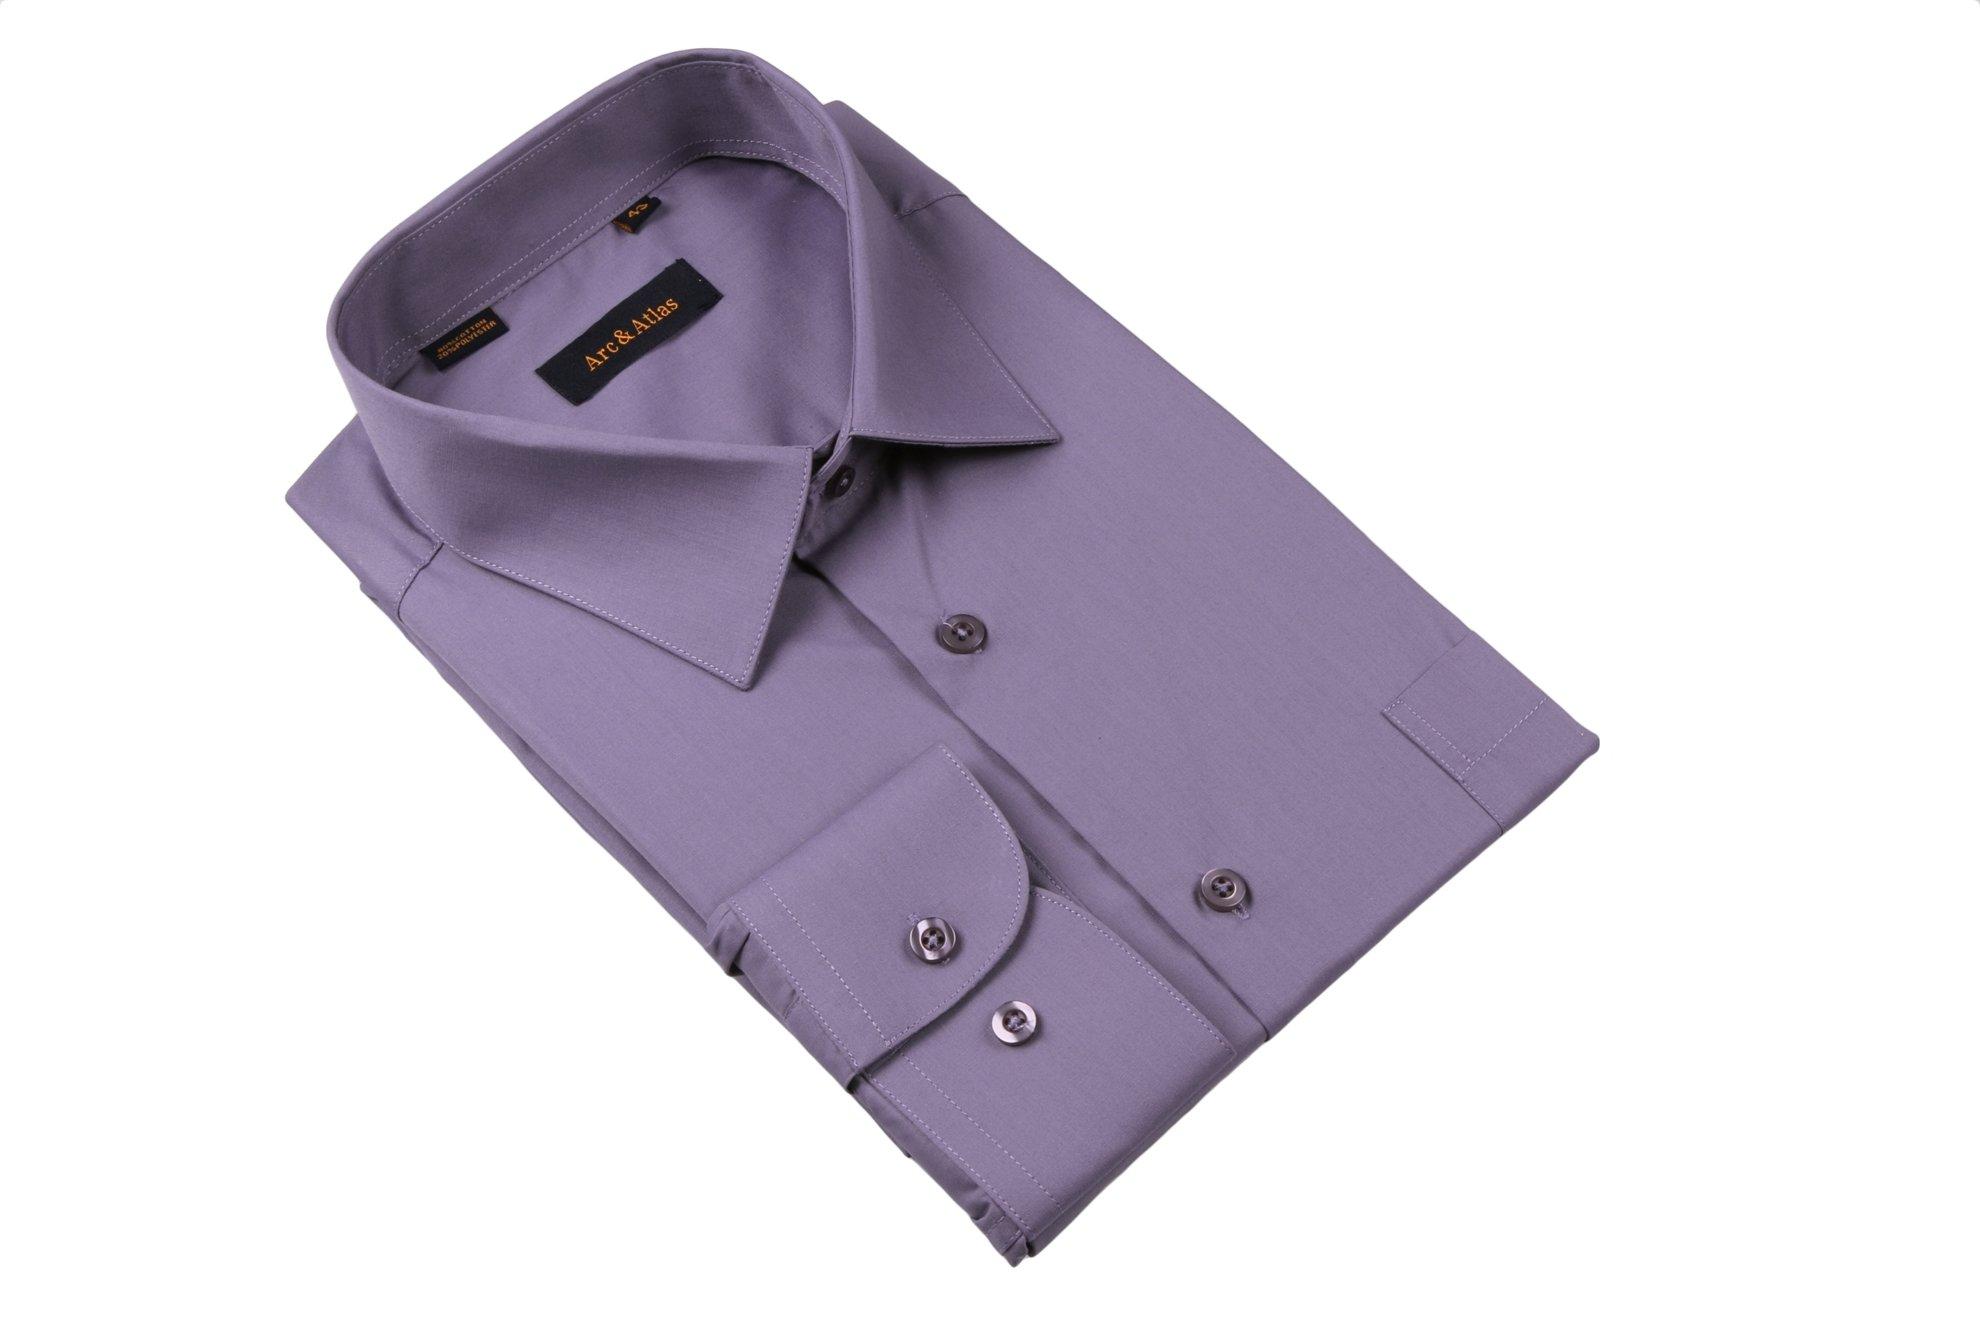 Рубашка мужская классика однотонная цвет серый с нотками фиолетового  с длинным рукавом  (Арт. OD-012)